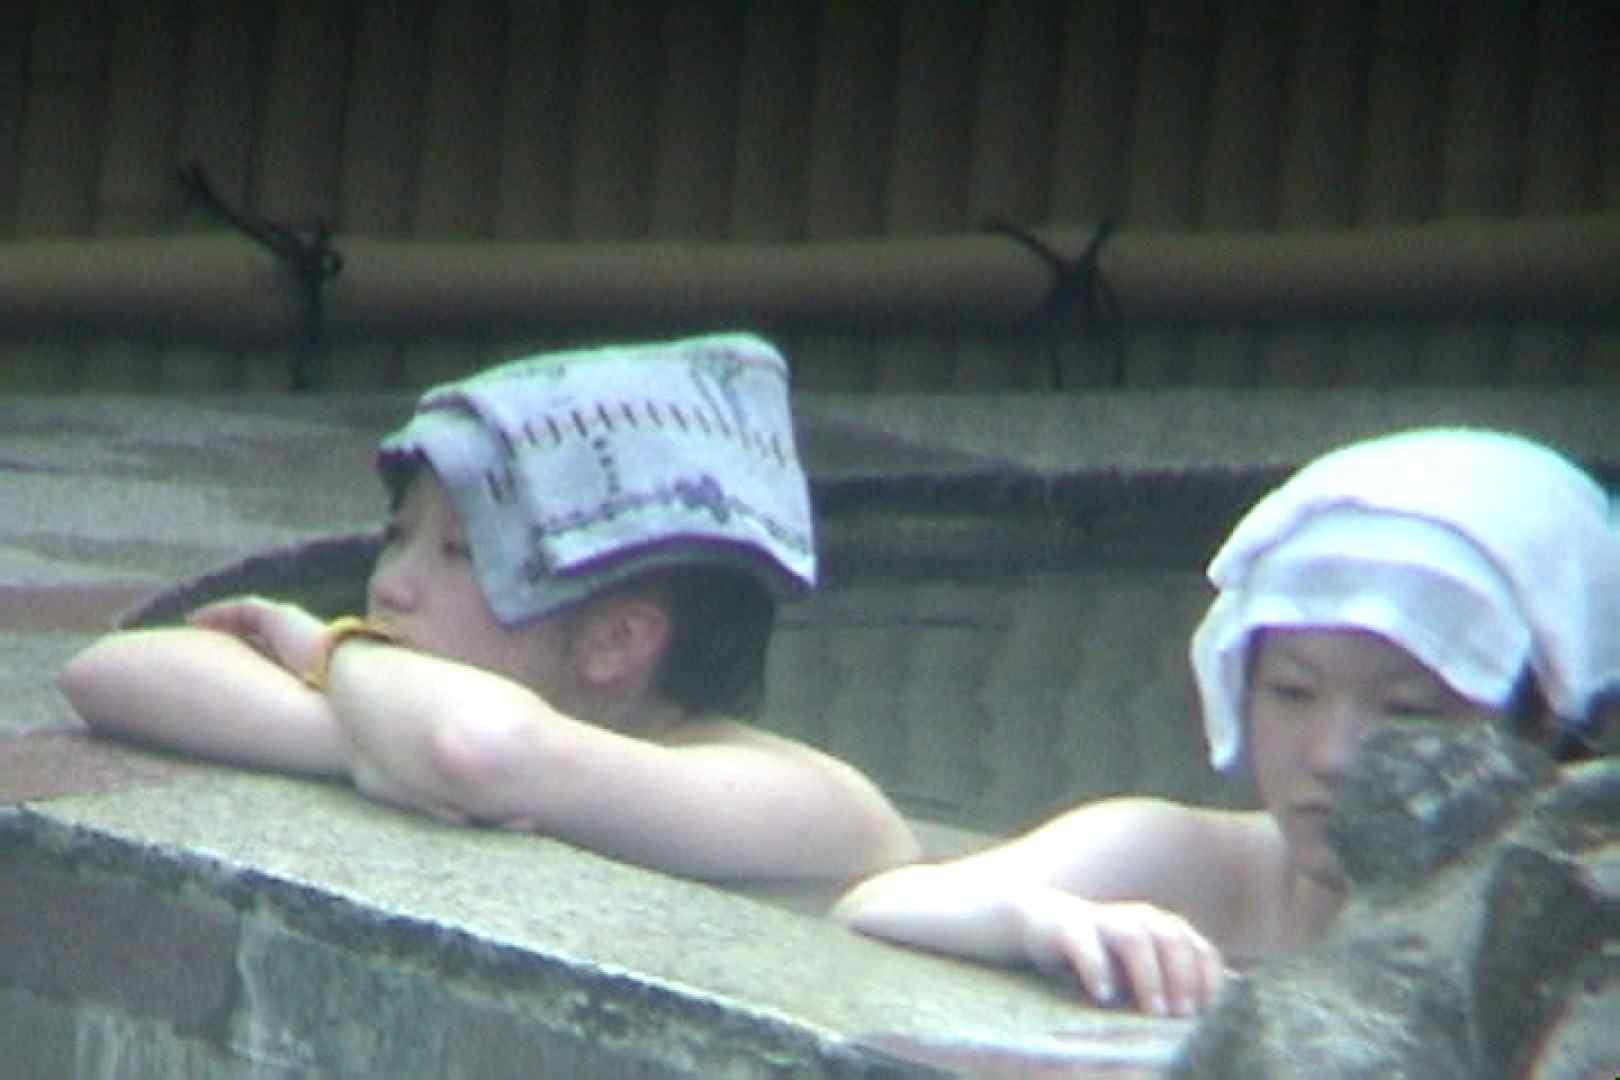 Aquaな露天風呂Vol.104 盗撮シリーズ  85PIX 80